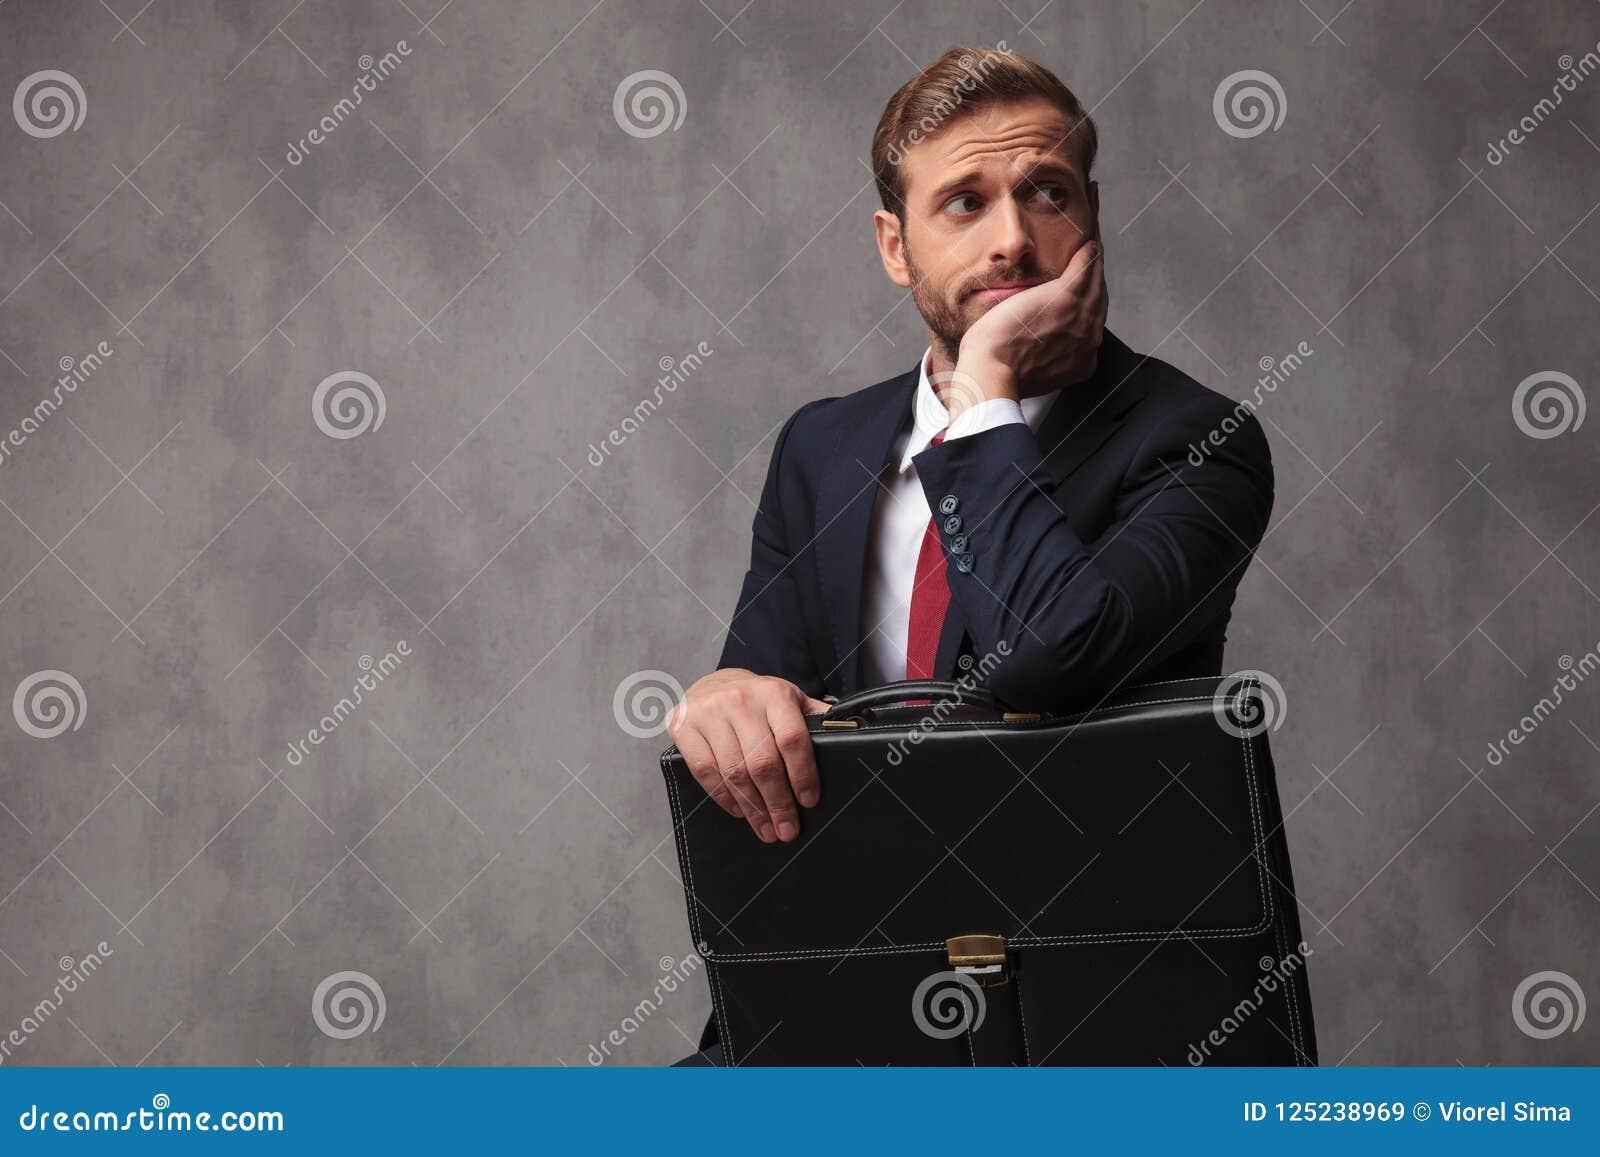 Ο επισφαλής επιχειρηματίας φαίνεται ανησυχημένος και σκεπτικός